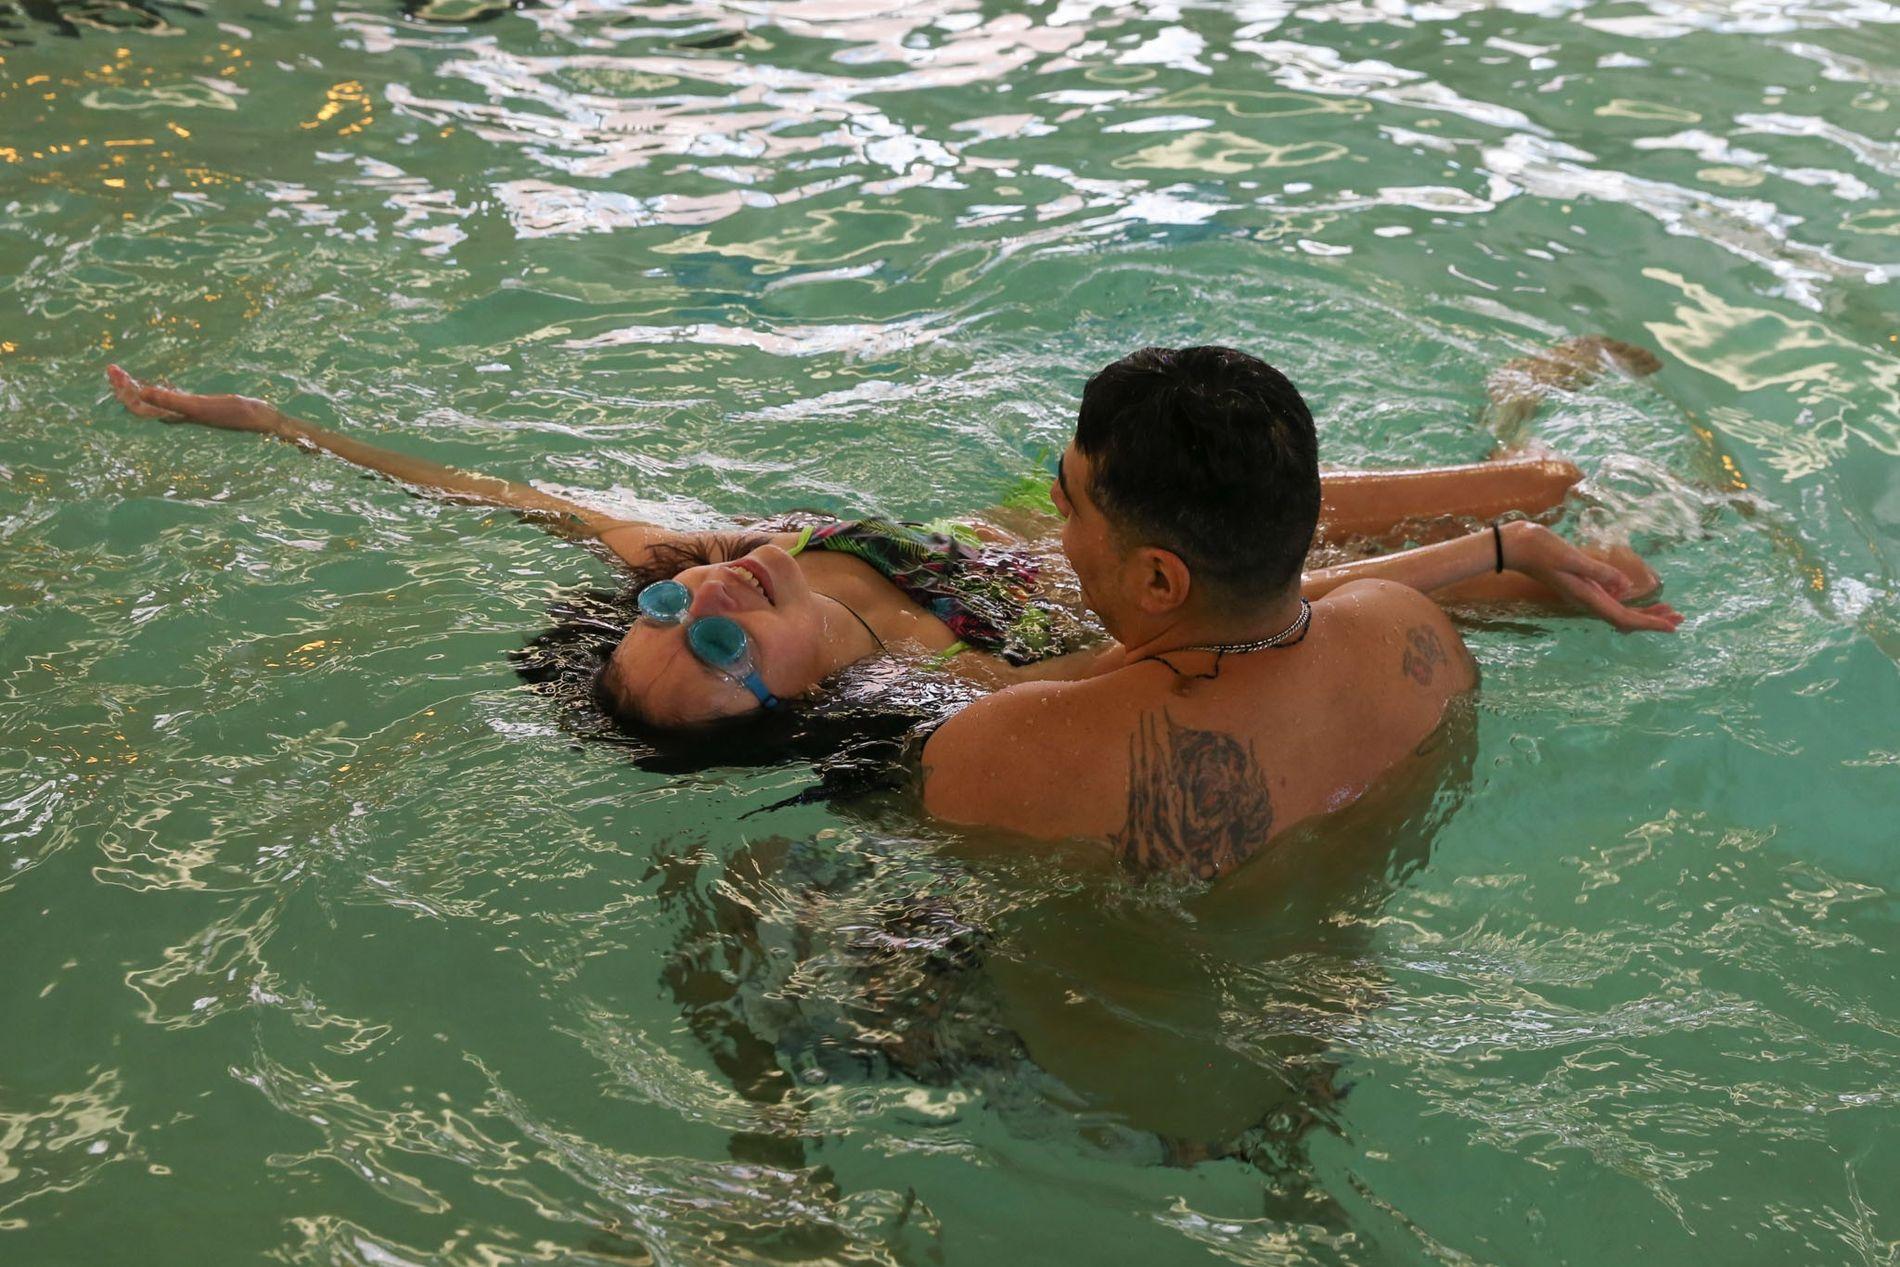 Agustin Muñoz ensina a sua filha Lola a flutuar de costas na piscina de um hotel.